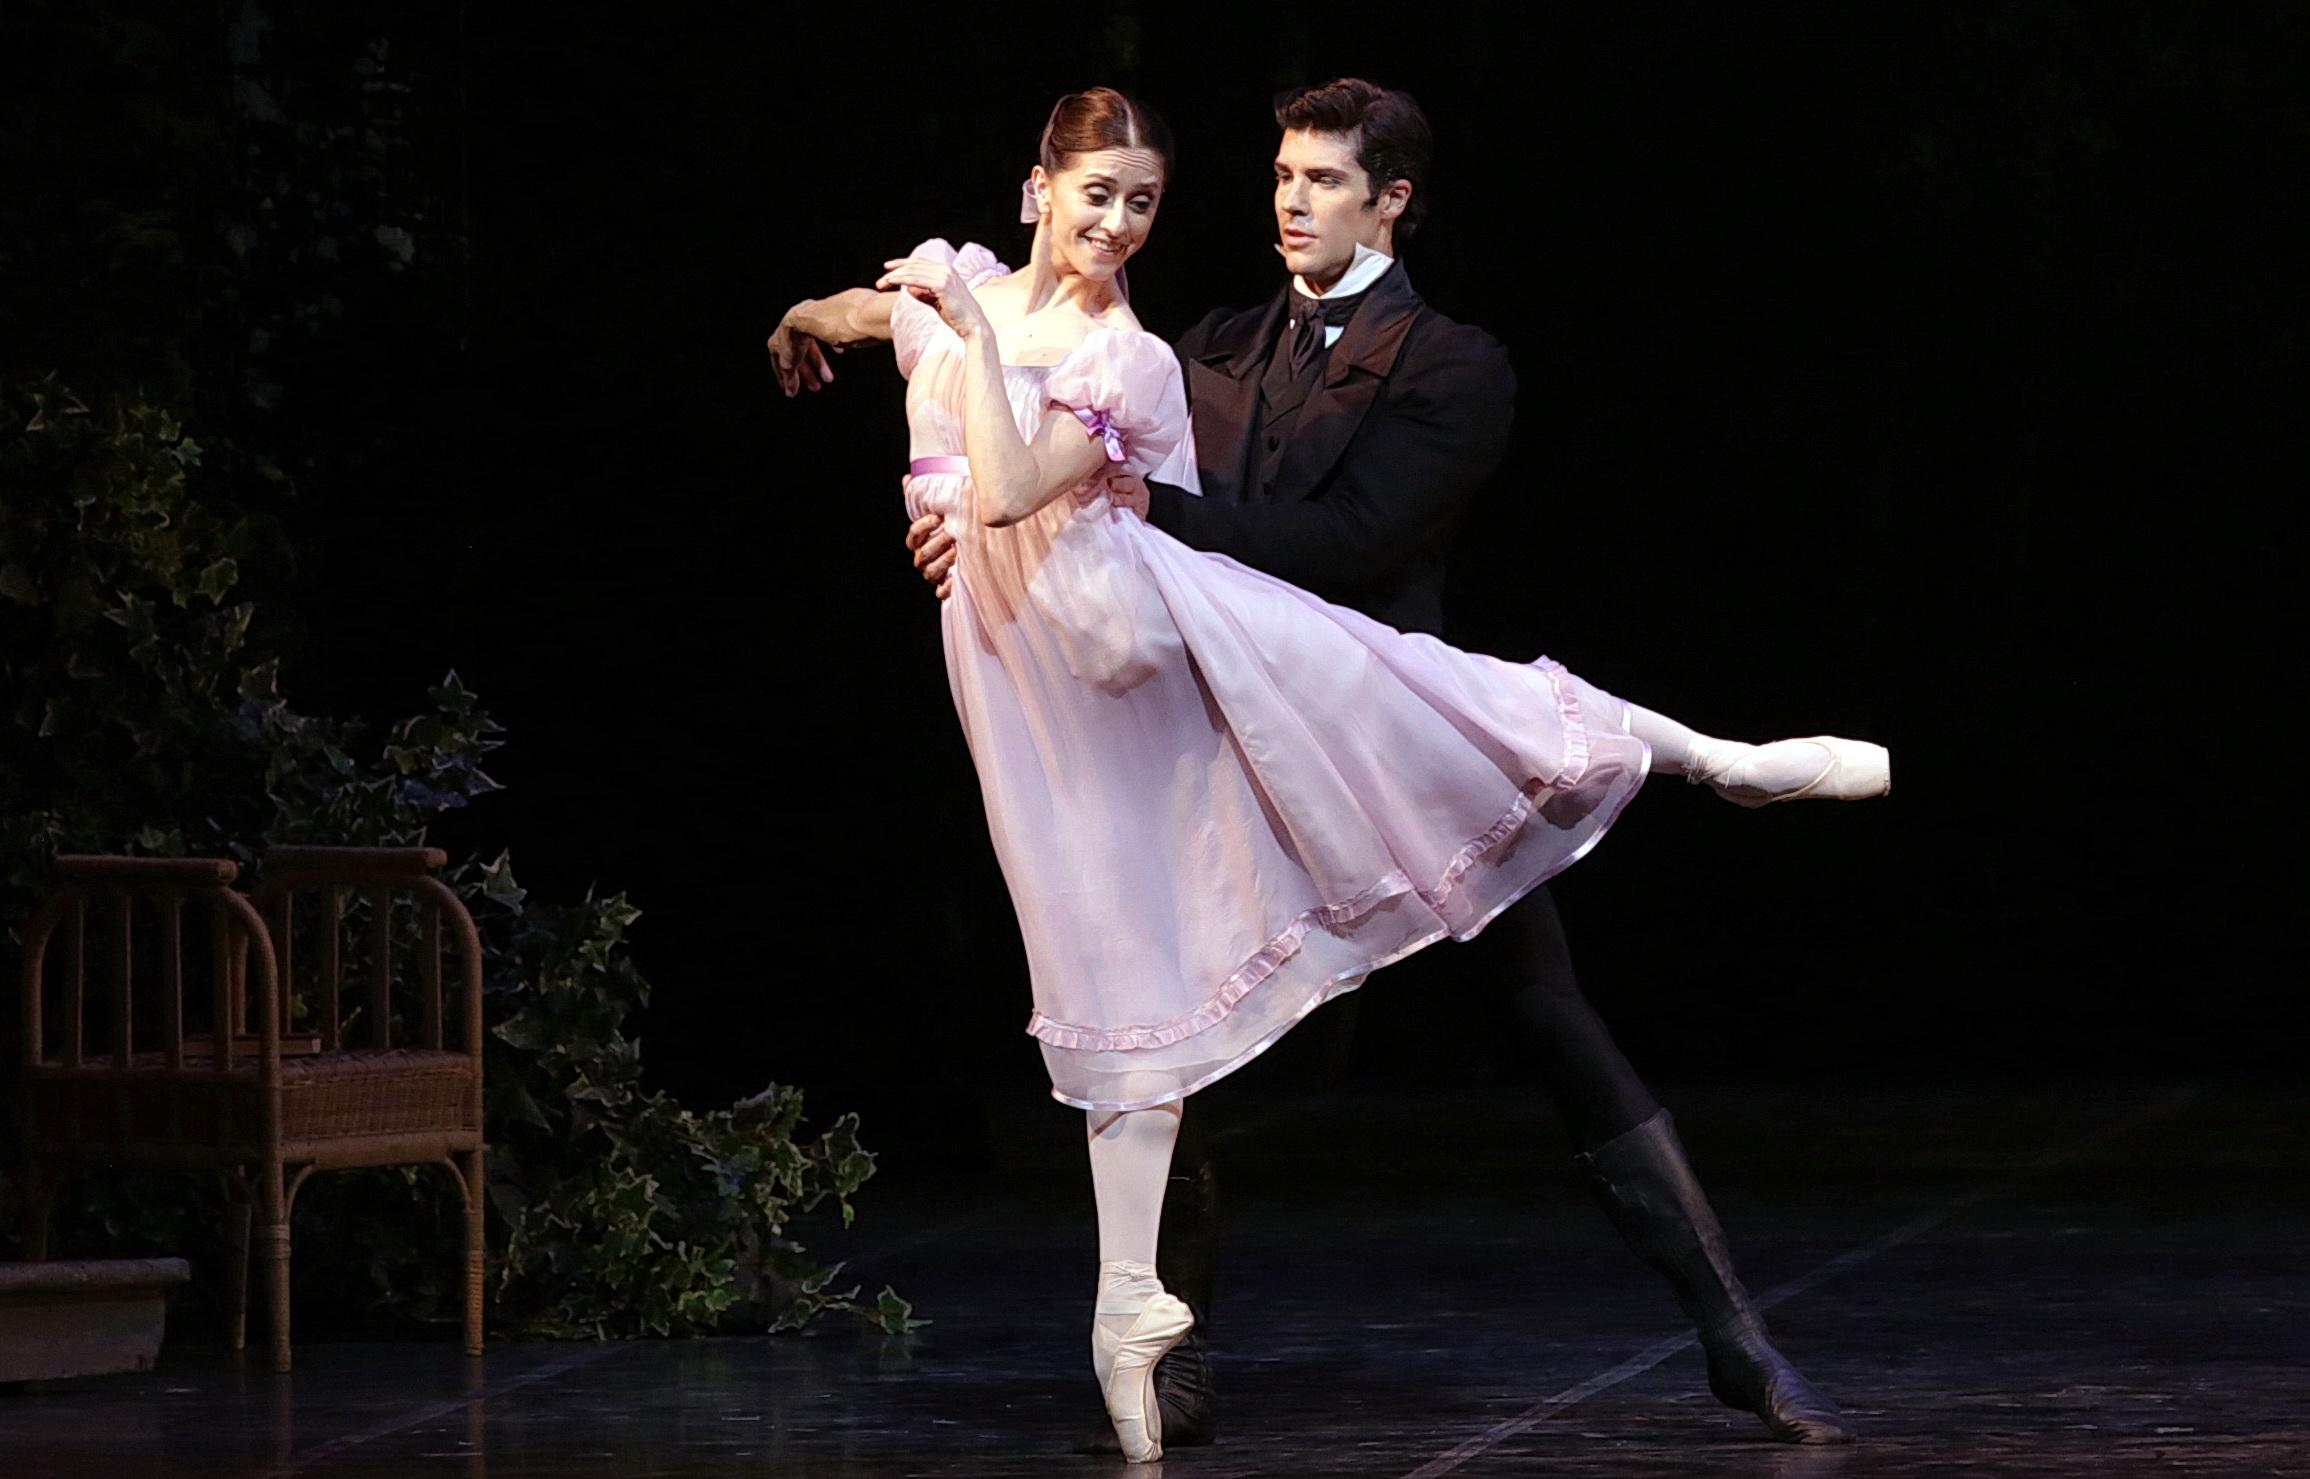 Roberto Bolle ritorna alla Scala in Onegin affiancato da Marianela Nuñez